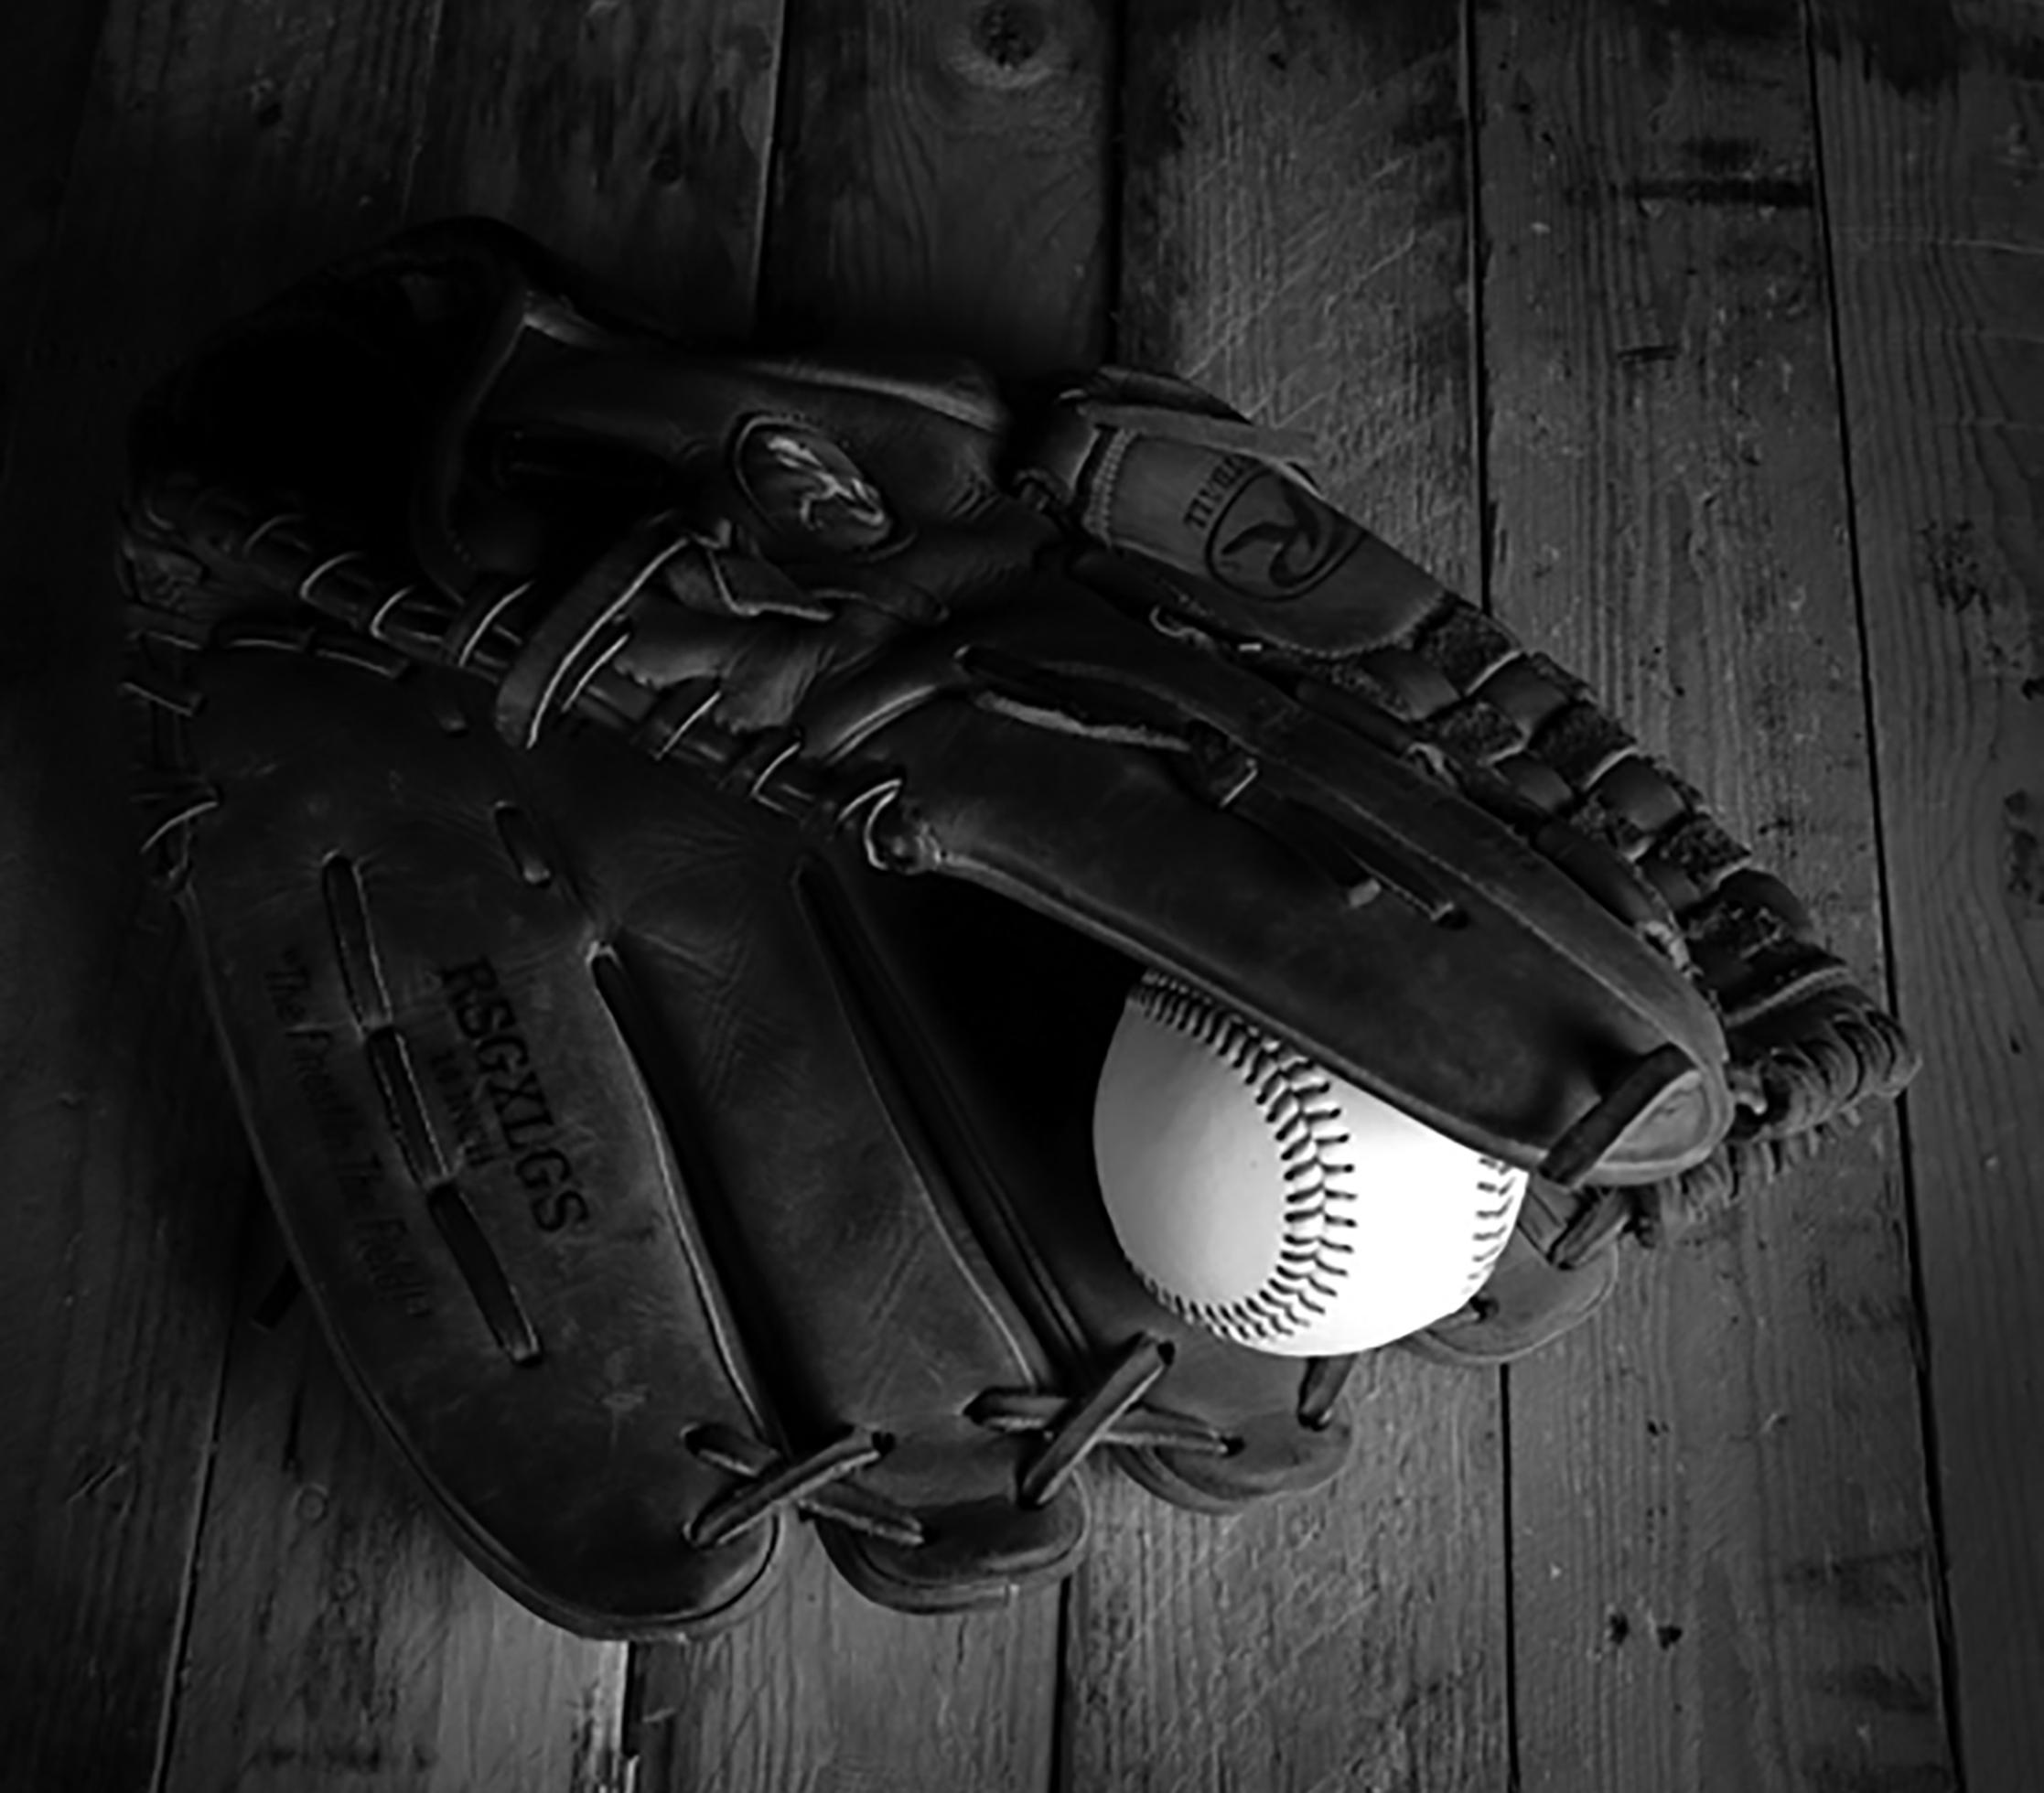 A close-up of a baseball glove on a wooden floor. A baseball is seen peeking inside the glove.